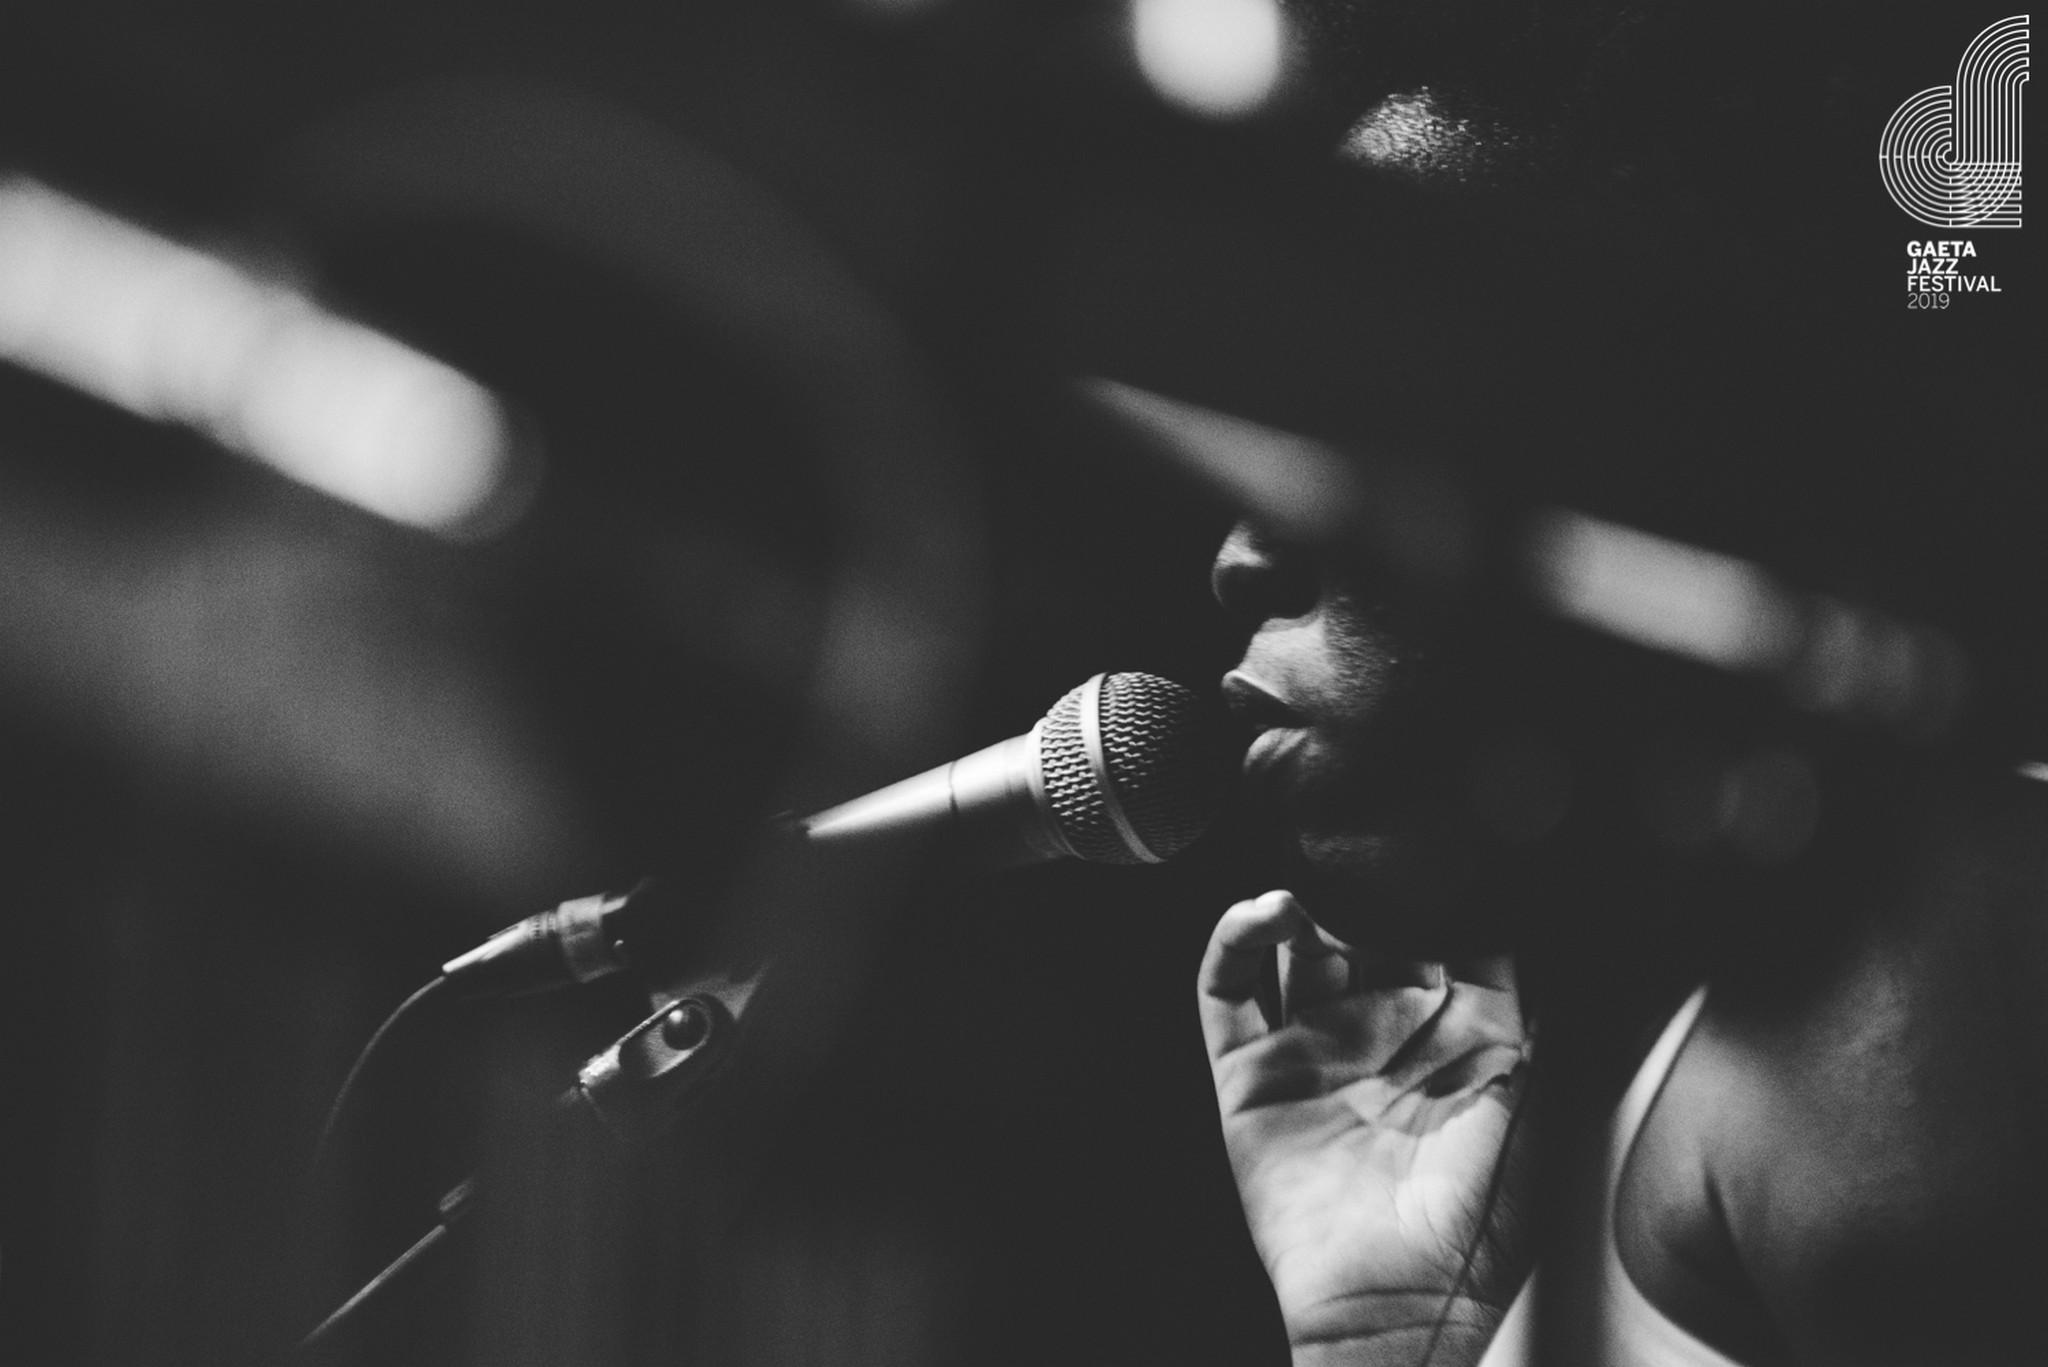 Flavia_Fiengo_Gaeta_Jazz_Festival_live_2019__00057